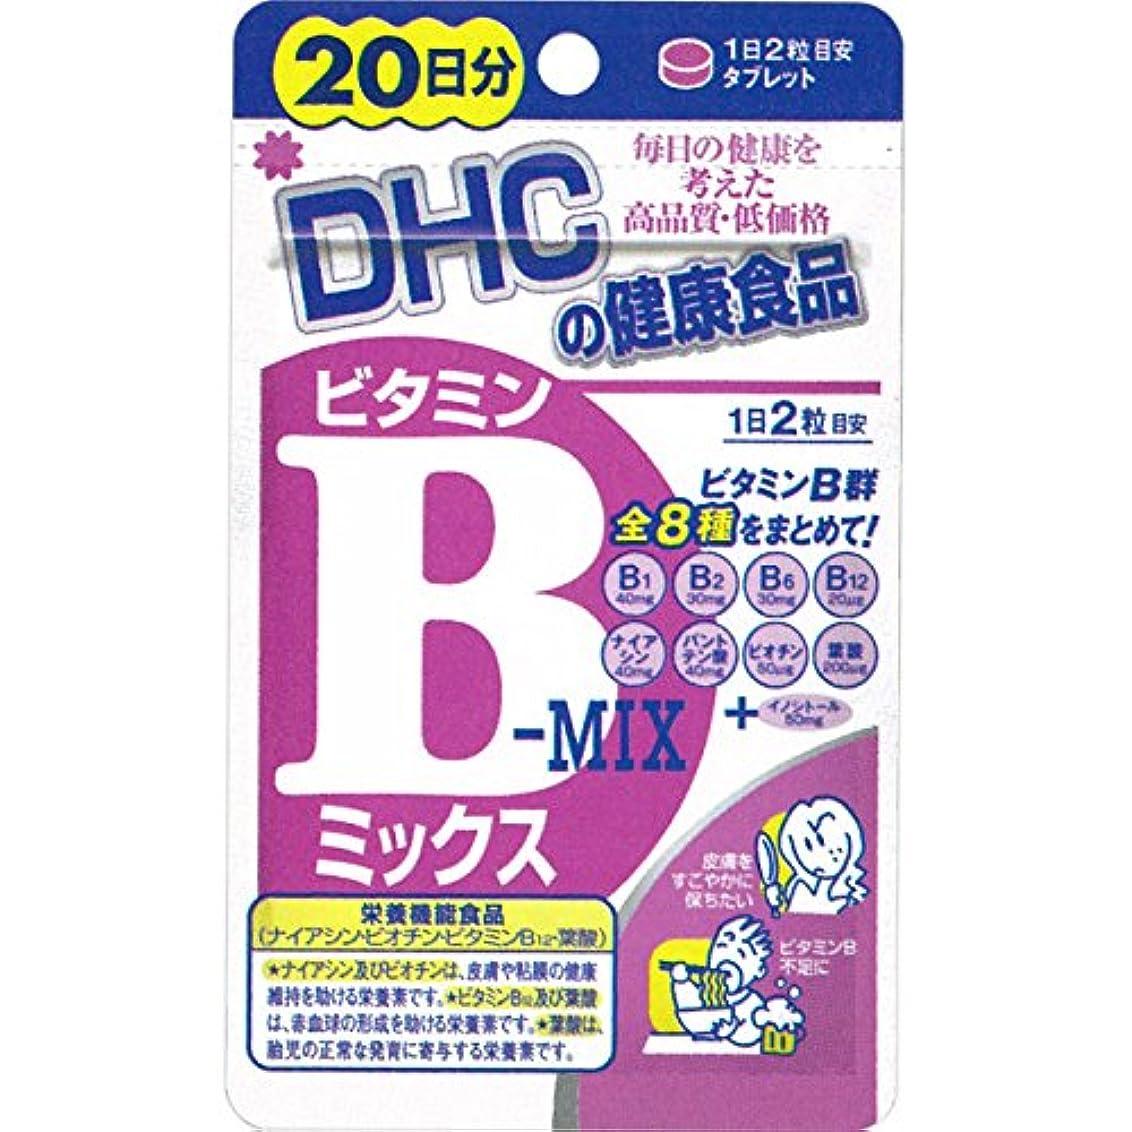 改修するあたたかいラジエーターDHC(ディーエイチシー) サプリメント DHC ビタミンB MIX 20日分